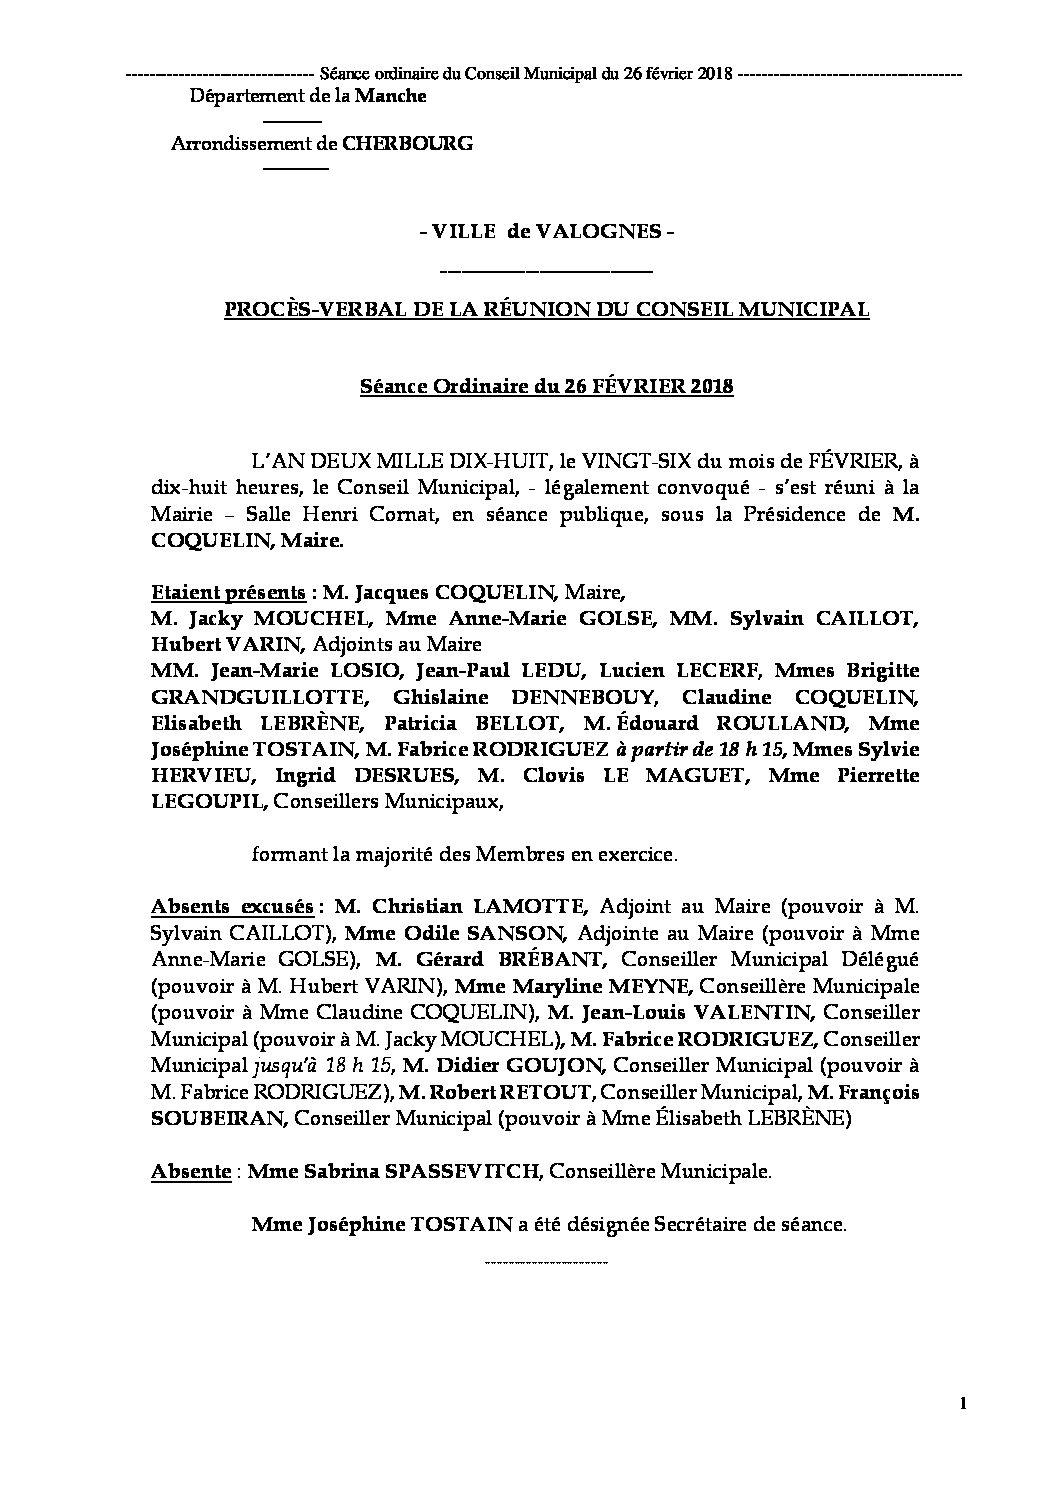 Procès-verbal de la séance du 26-02-2018 - Procès-verbal de la réunion du Conseil Municipal du 26 février 2018, approuvé lors de la séance du 9 avril 2018.